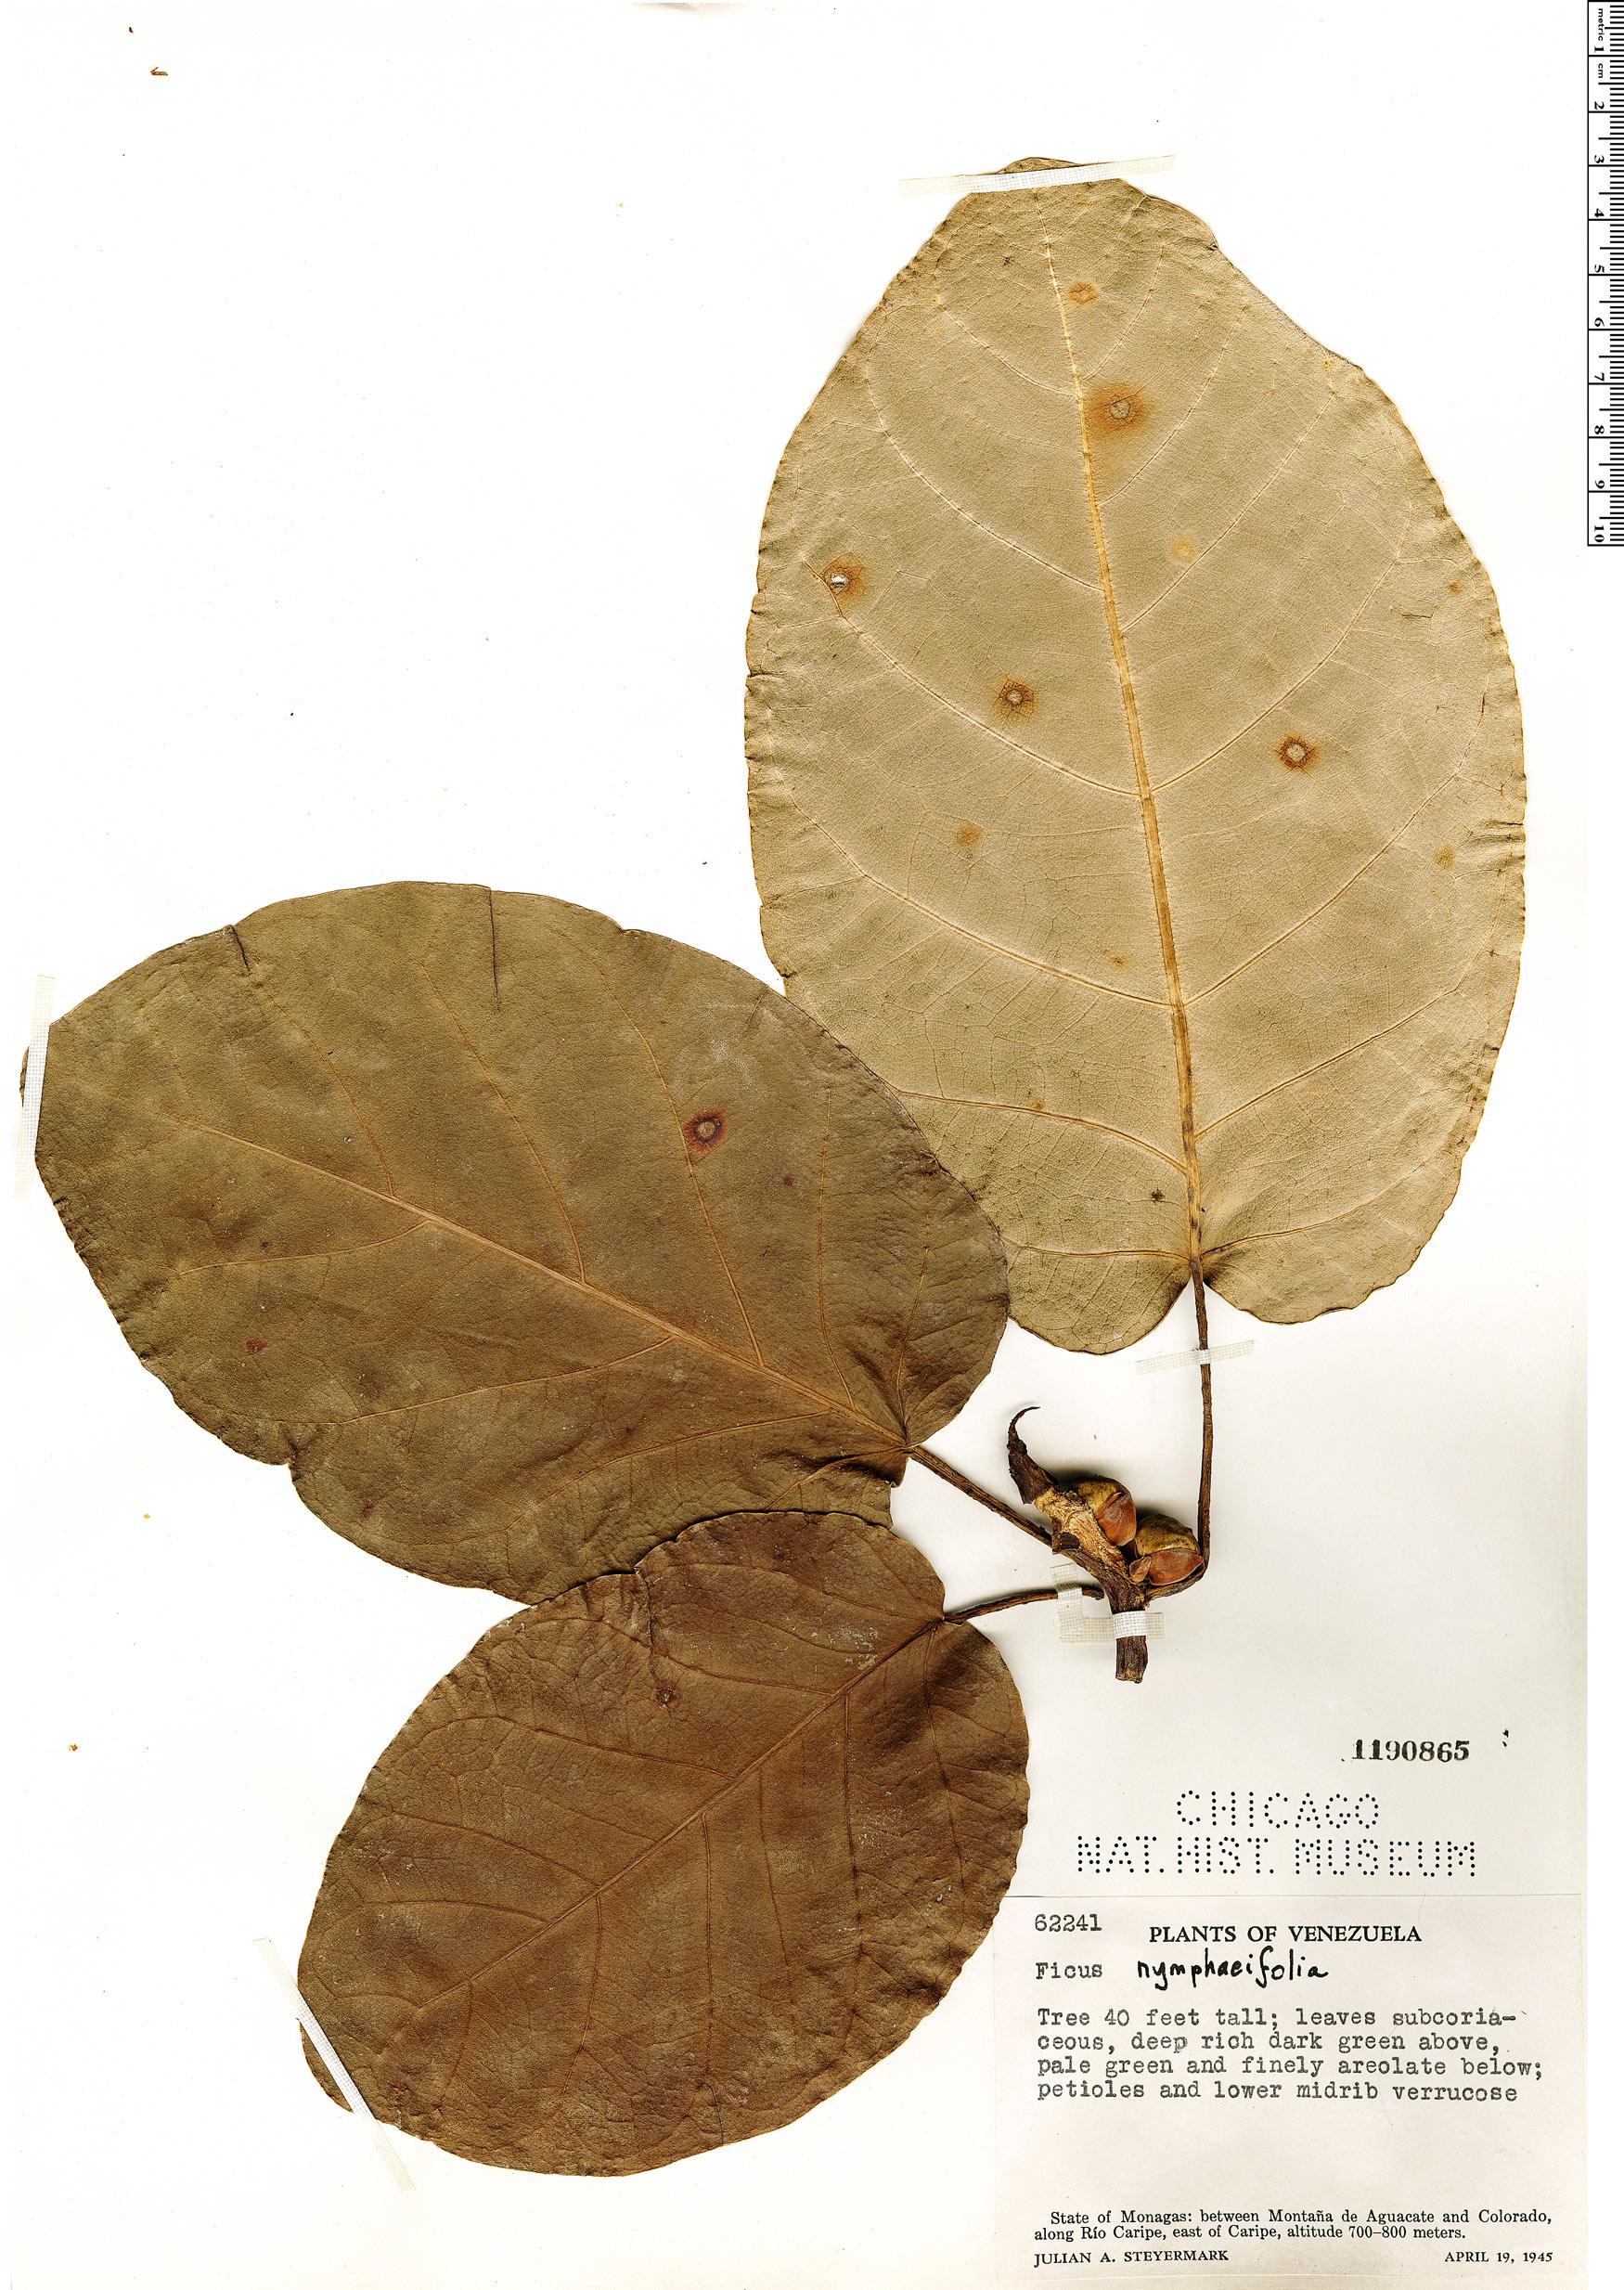 Specimen: Ficus nymphaeifolia